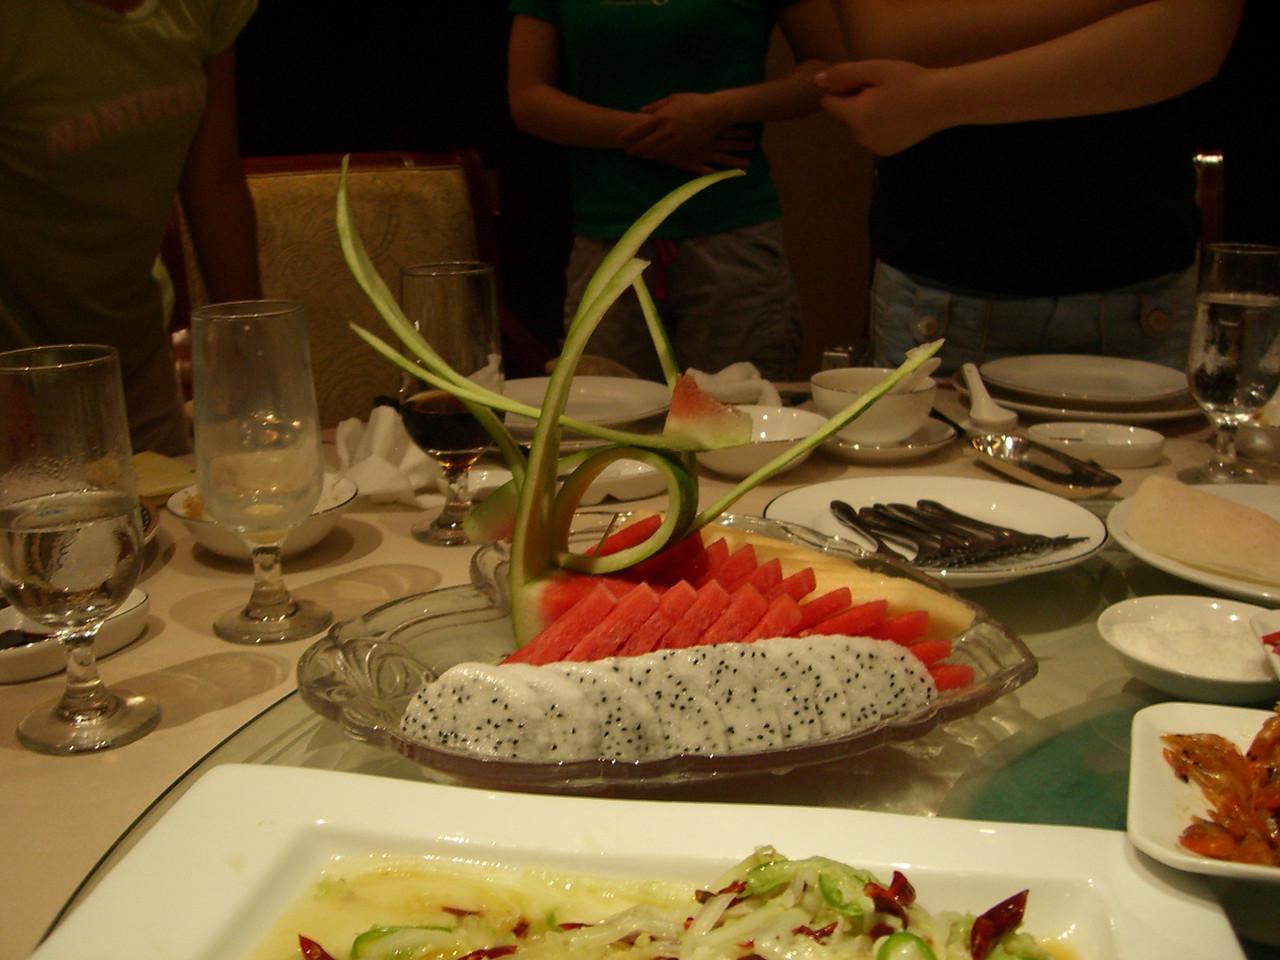 2006 07 14 Fri - Bird fruit plate 2